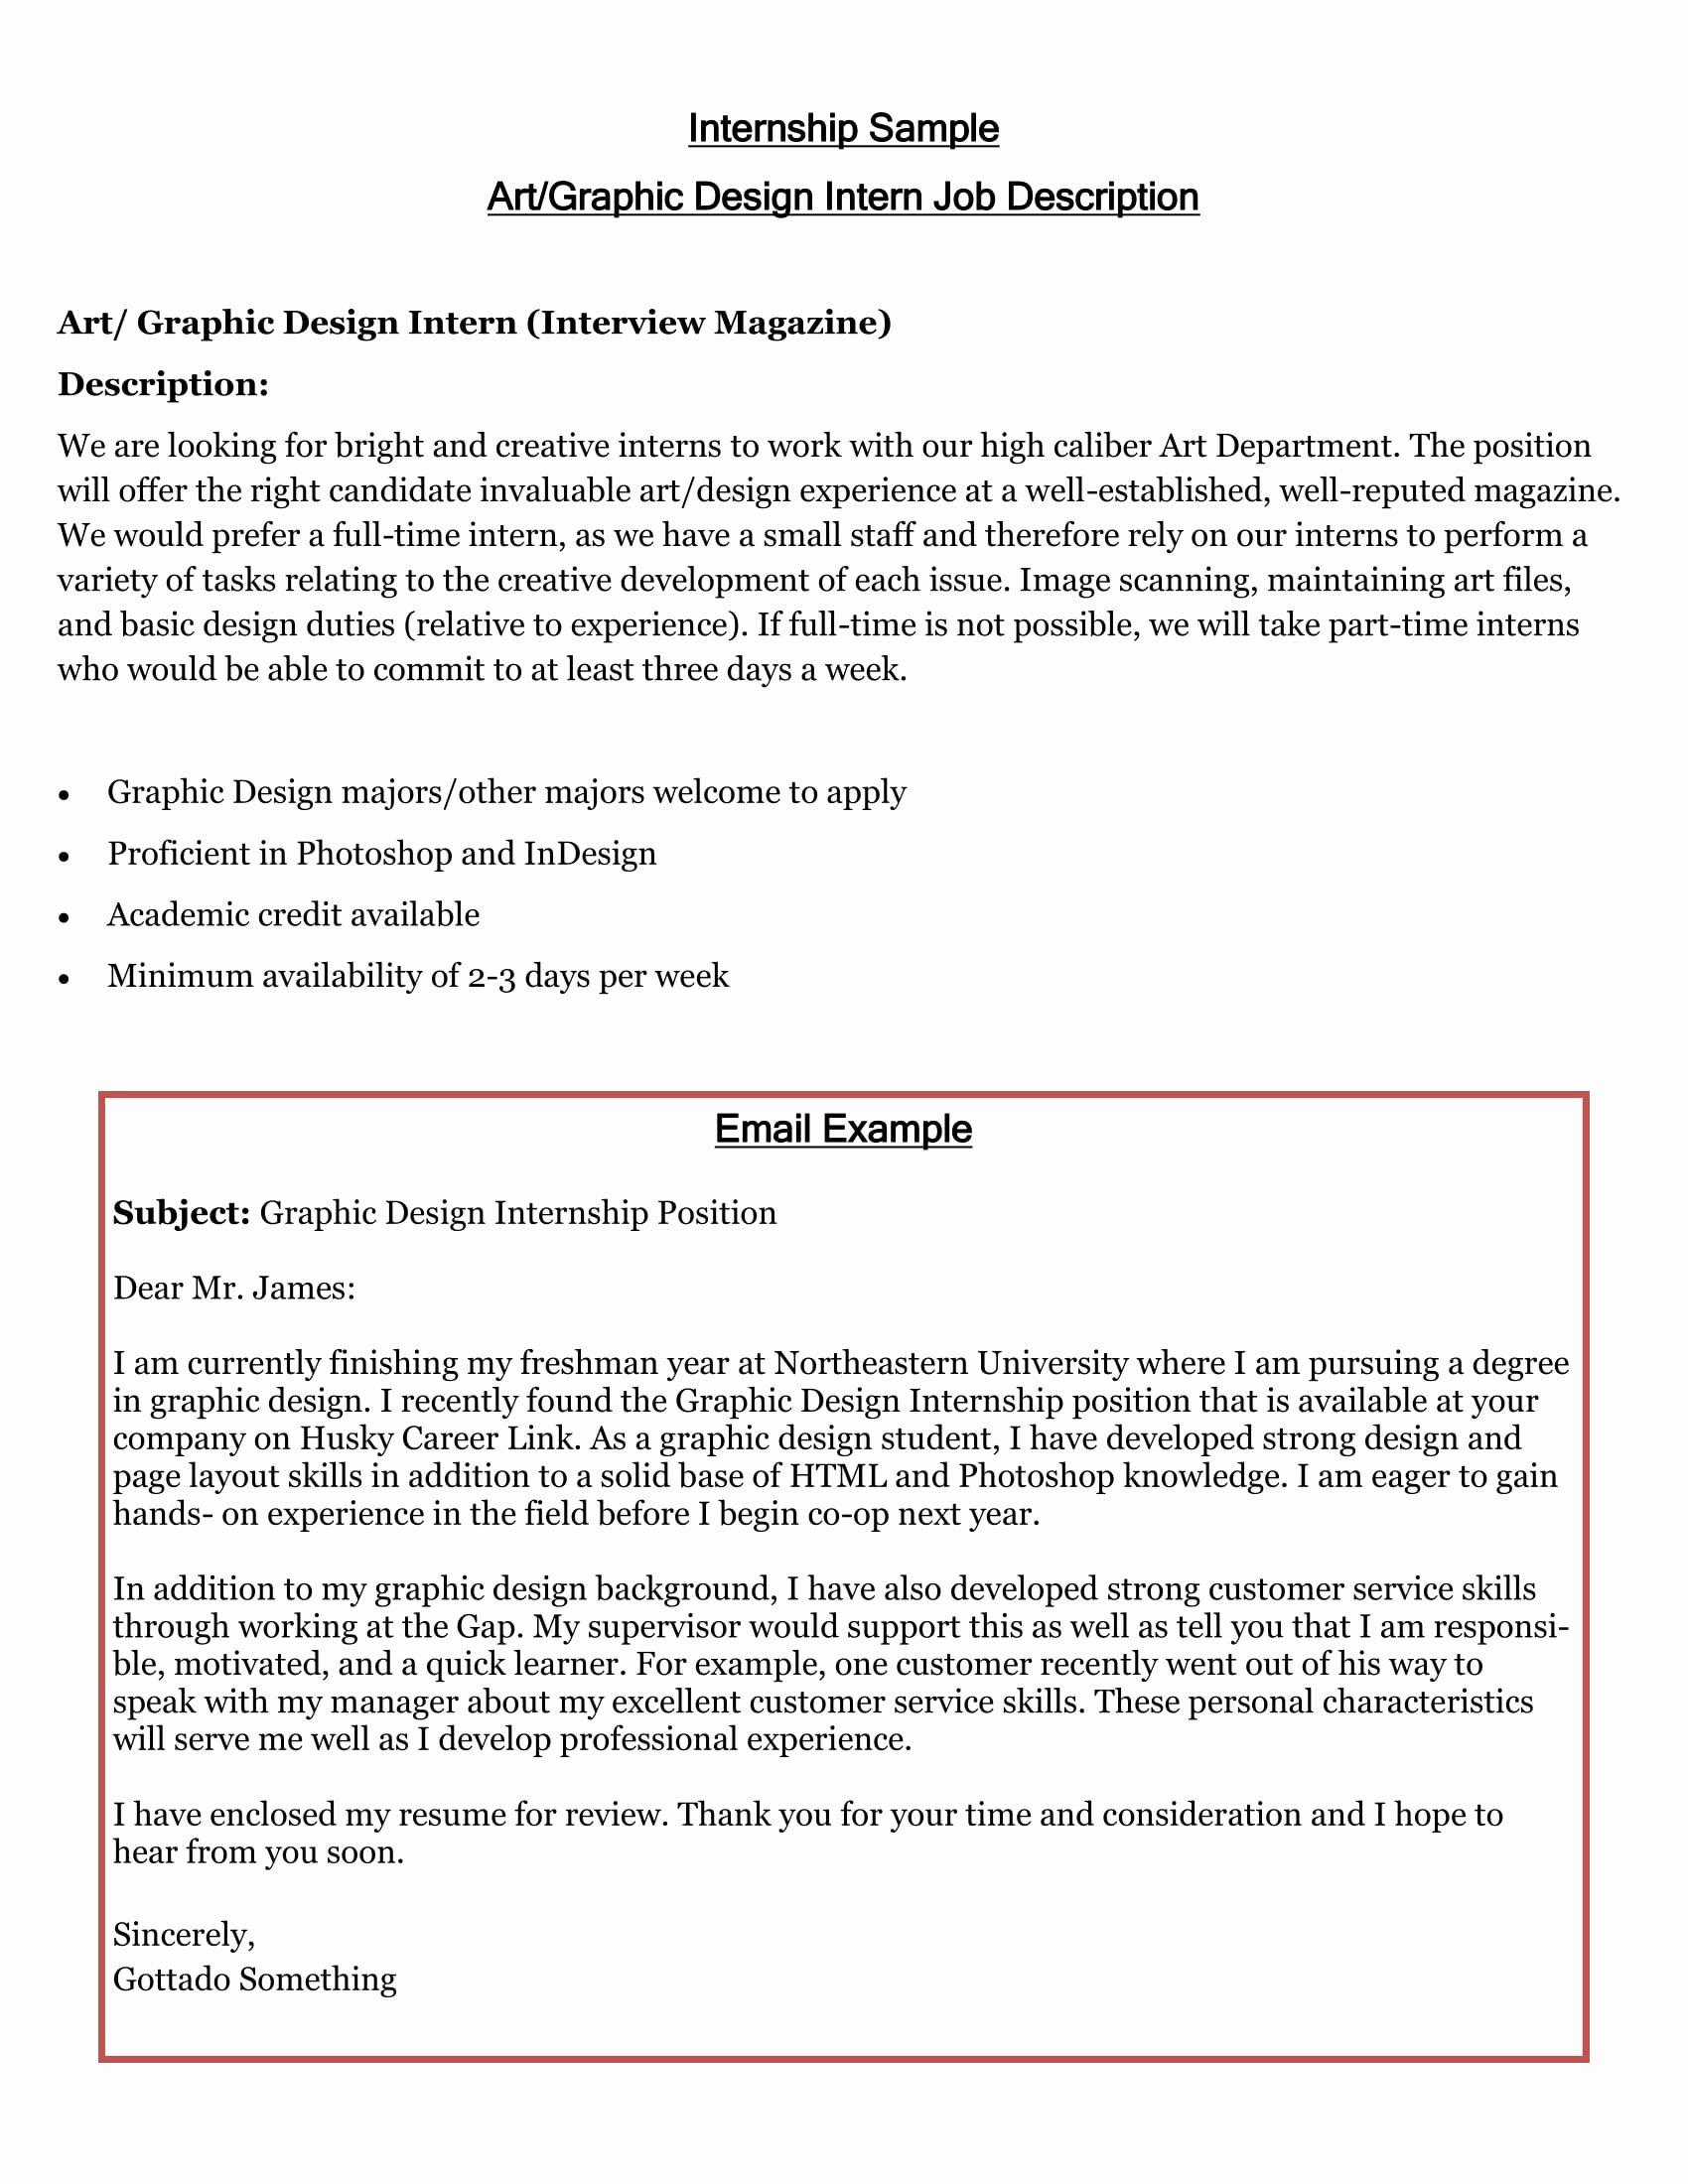 Internship Letter format Students Unique 16 Best Cover Letter Samples for Internship Wisestep